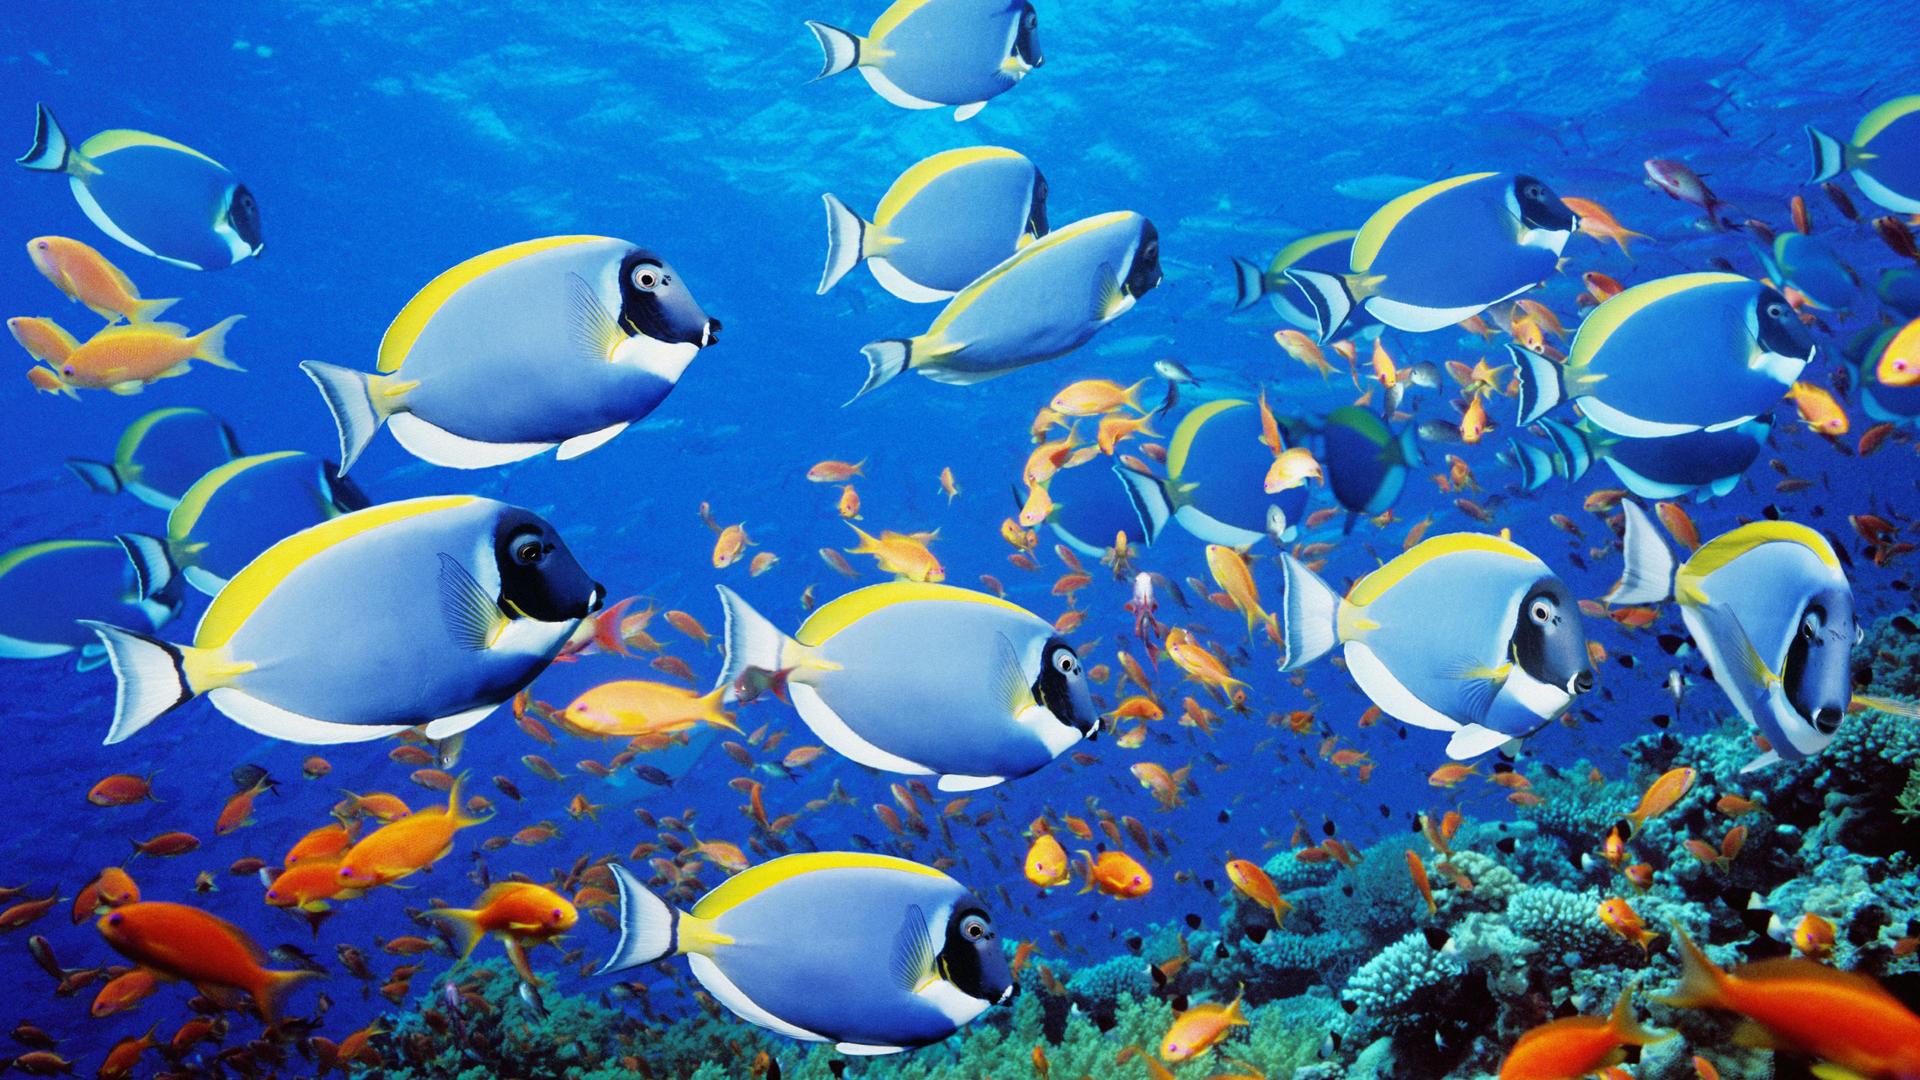 School of fish wallpaper wallpapersafari for Photos of fish